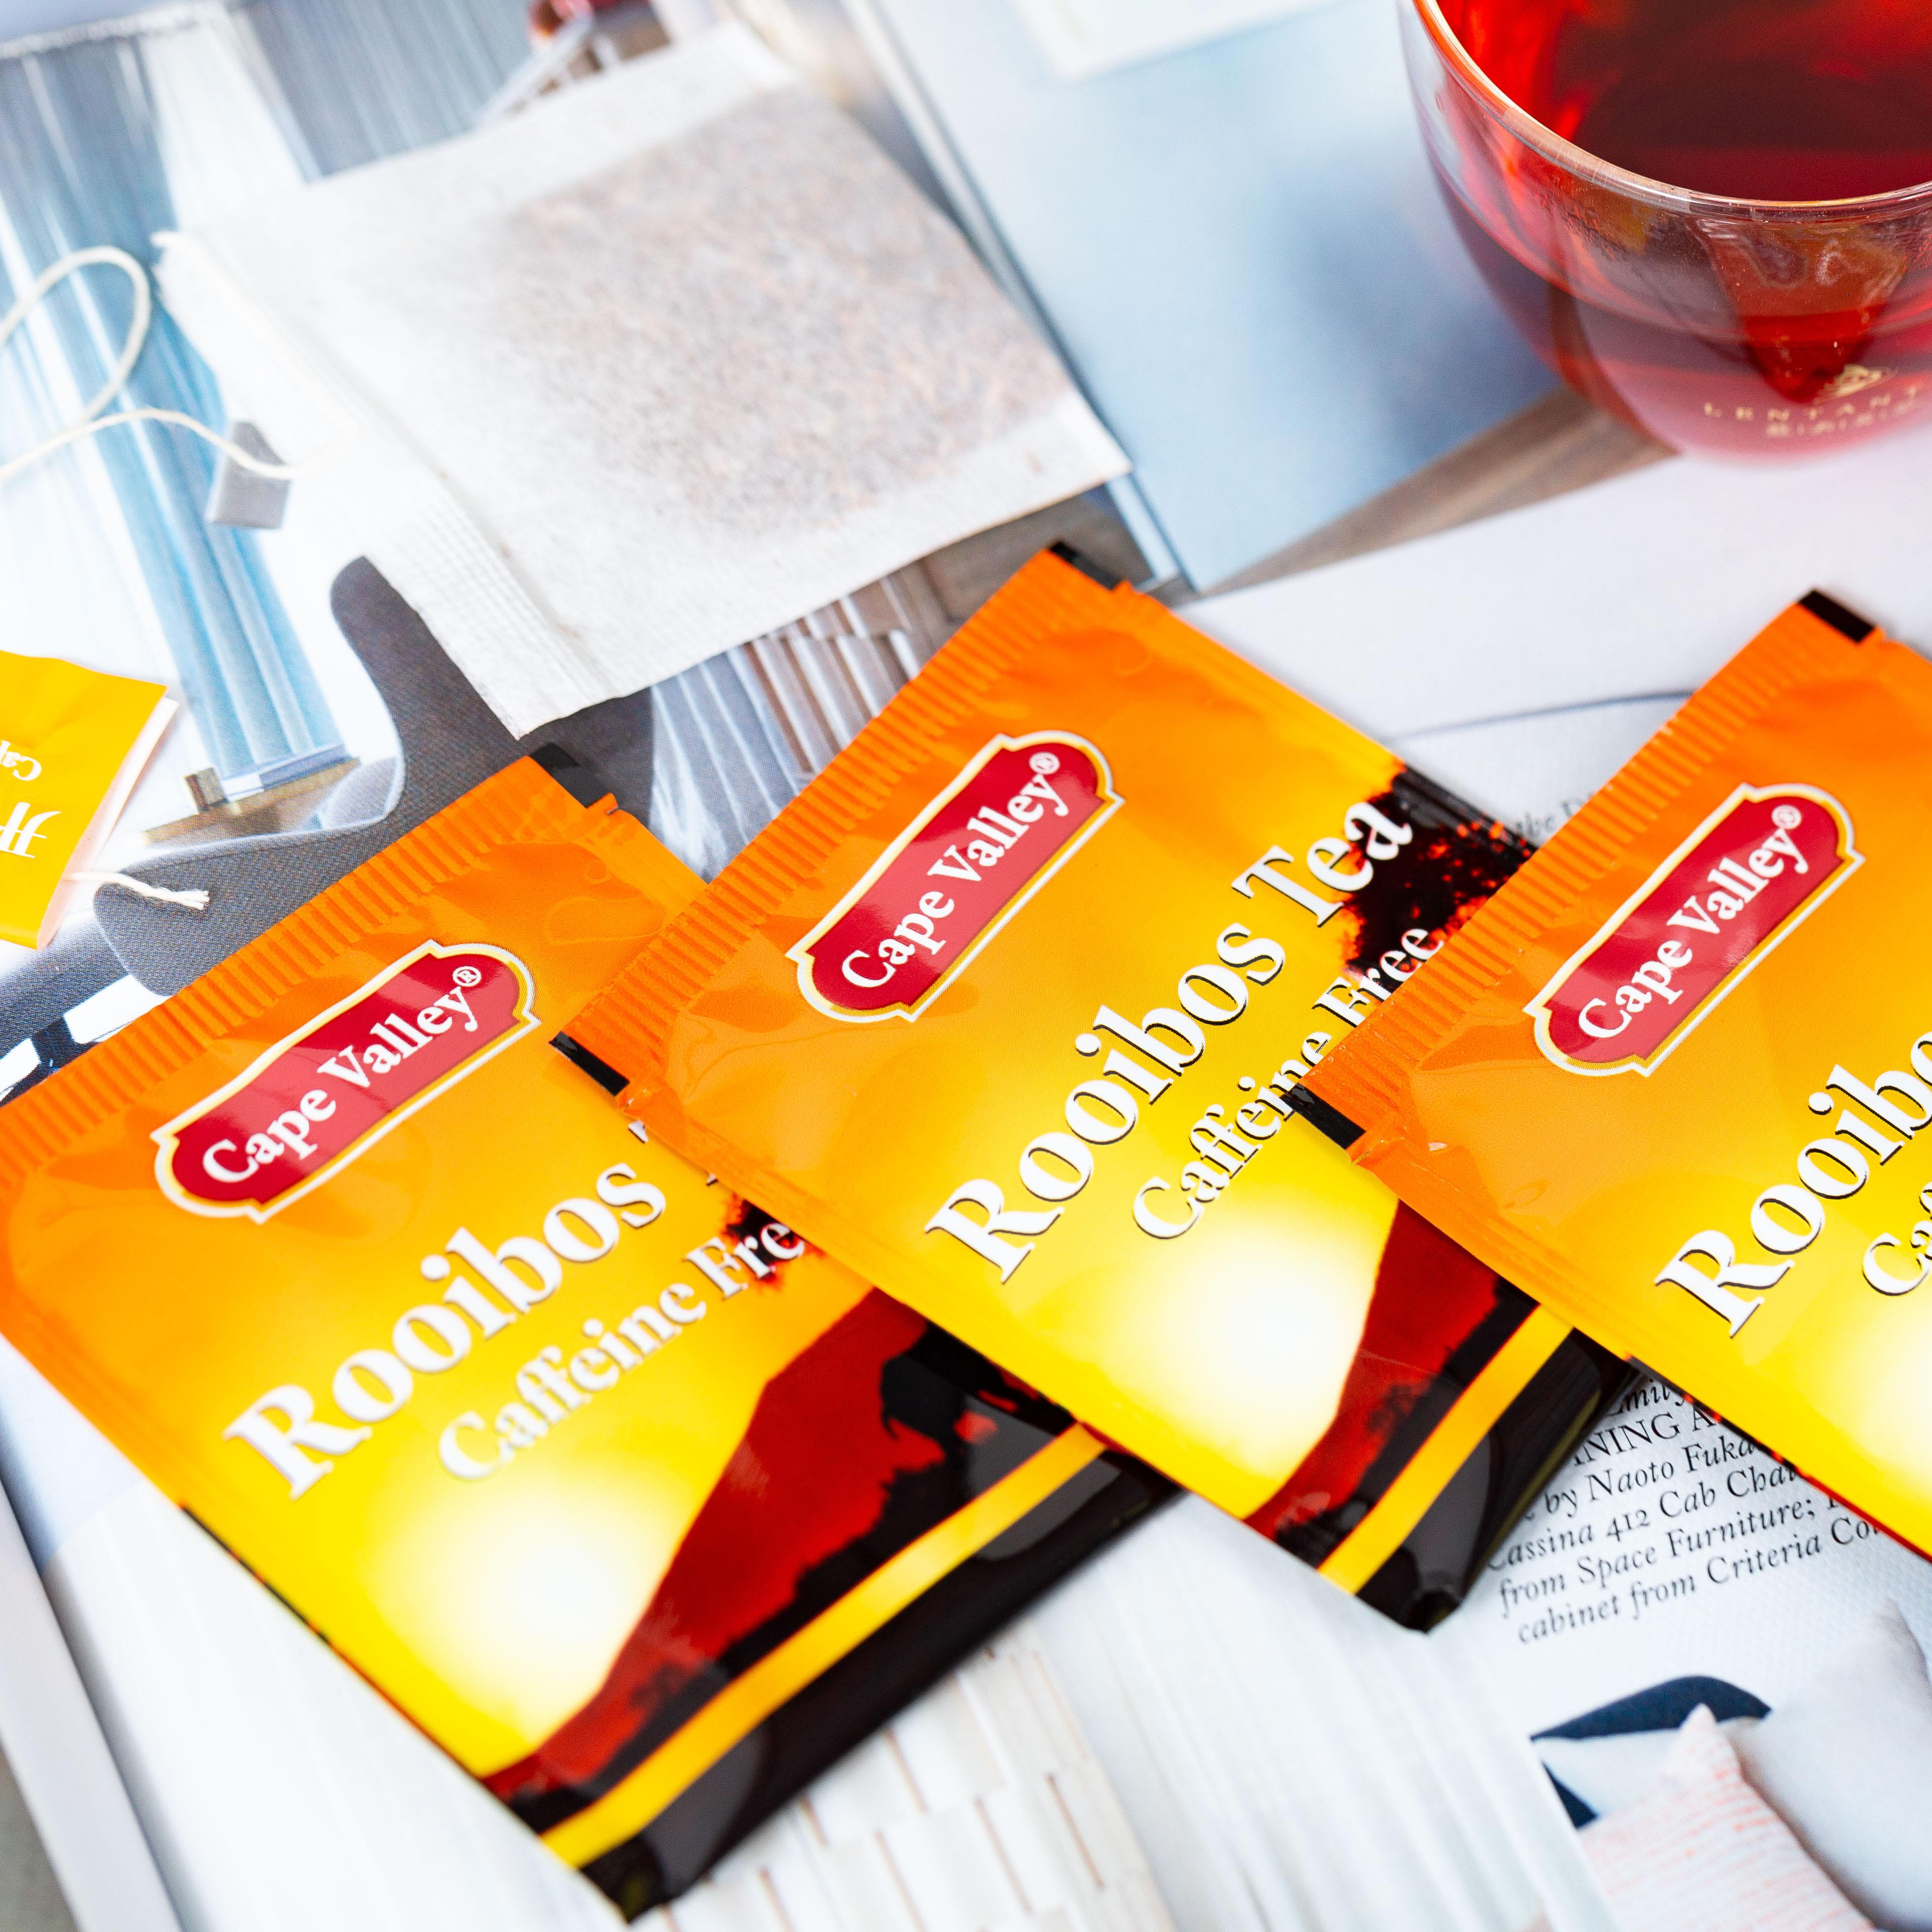 「可以喝的神仙水」开普山谷南非博士茶 Rooibos路易波士国宝红茶无咖啡因 美容养颜  0卡路里 无糖分  孕妇可喝100袋/盒 商品图2